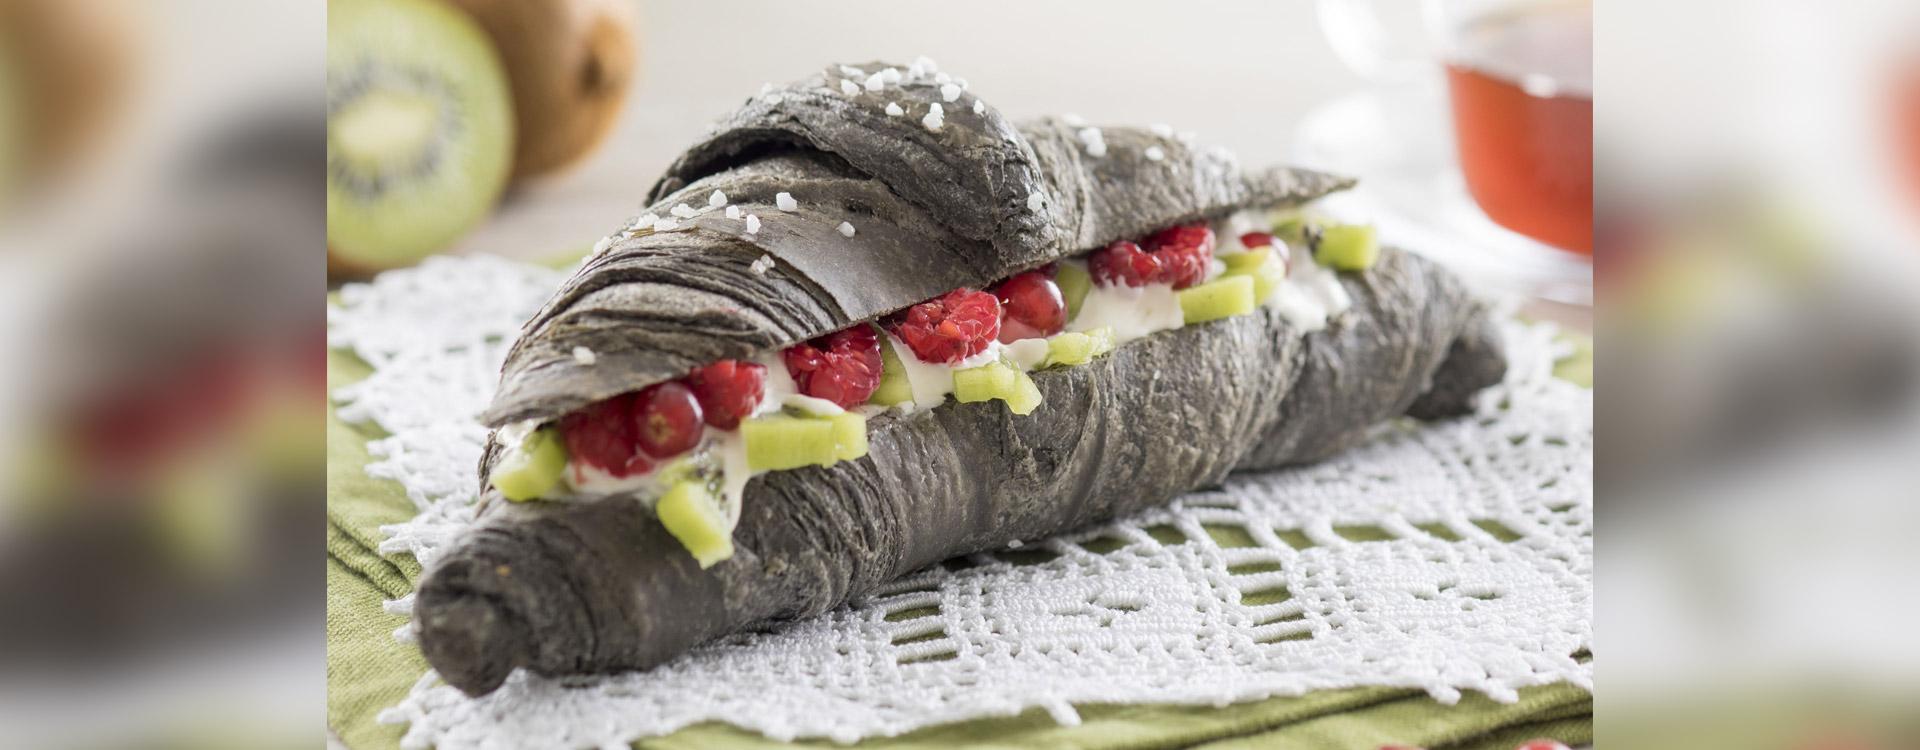 home-slide-croissant